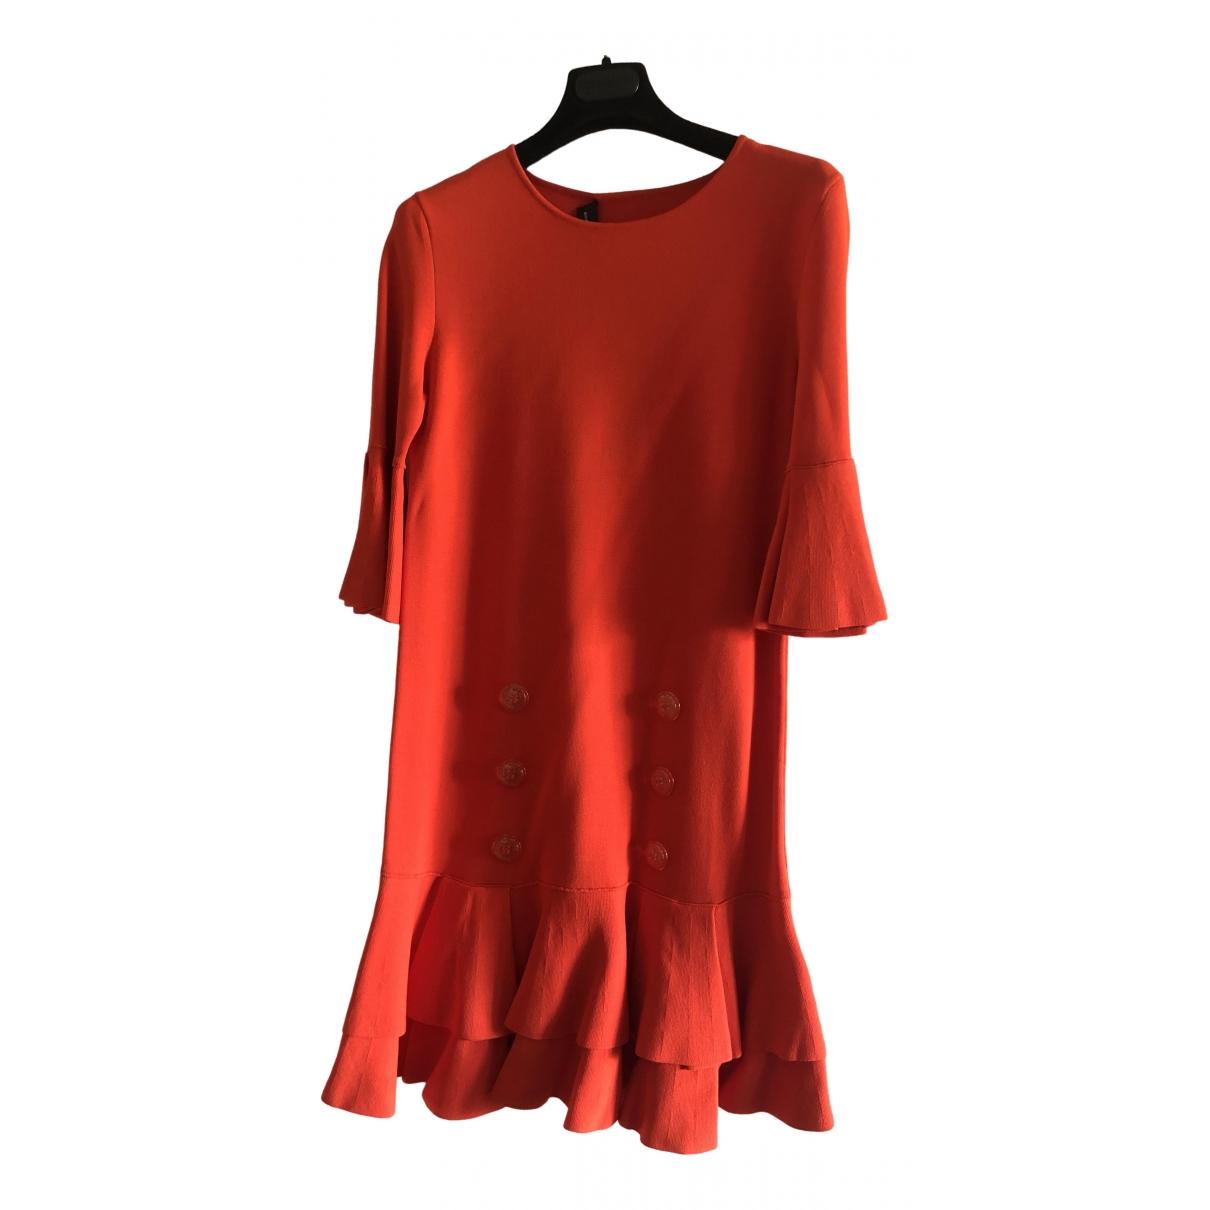 Elisabetta Franchi \N Orange dress for Women 38 IT